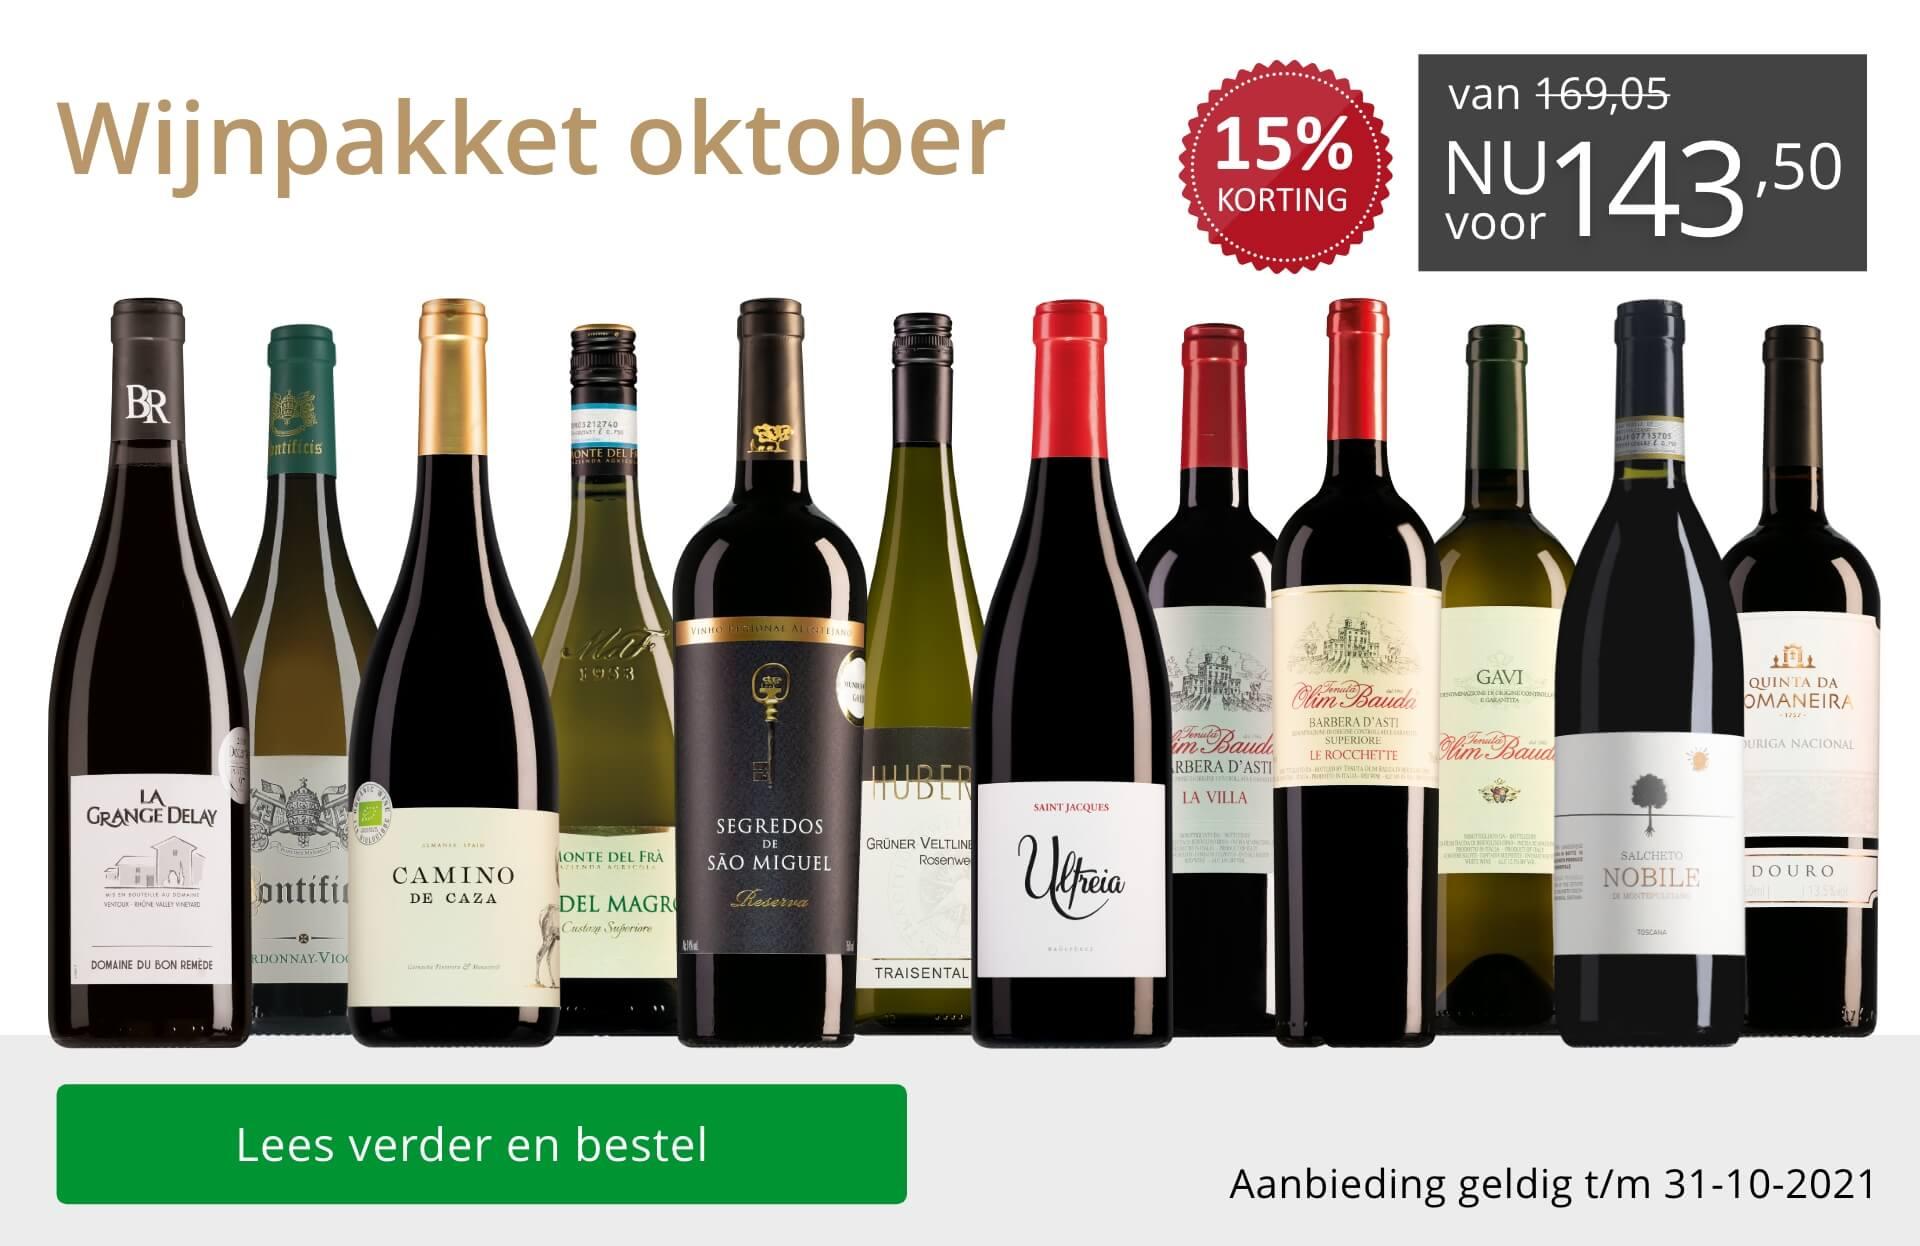 Wijnpakket wijnbericht oktober 2021 - grijs/goud